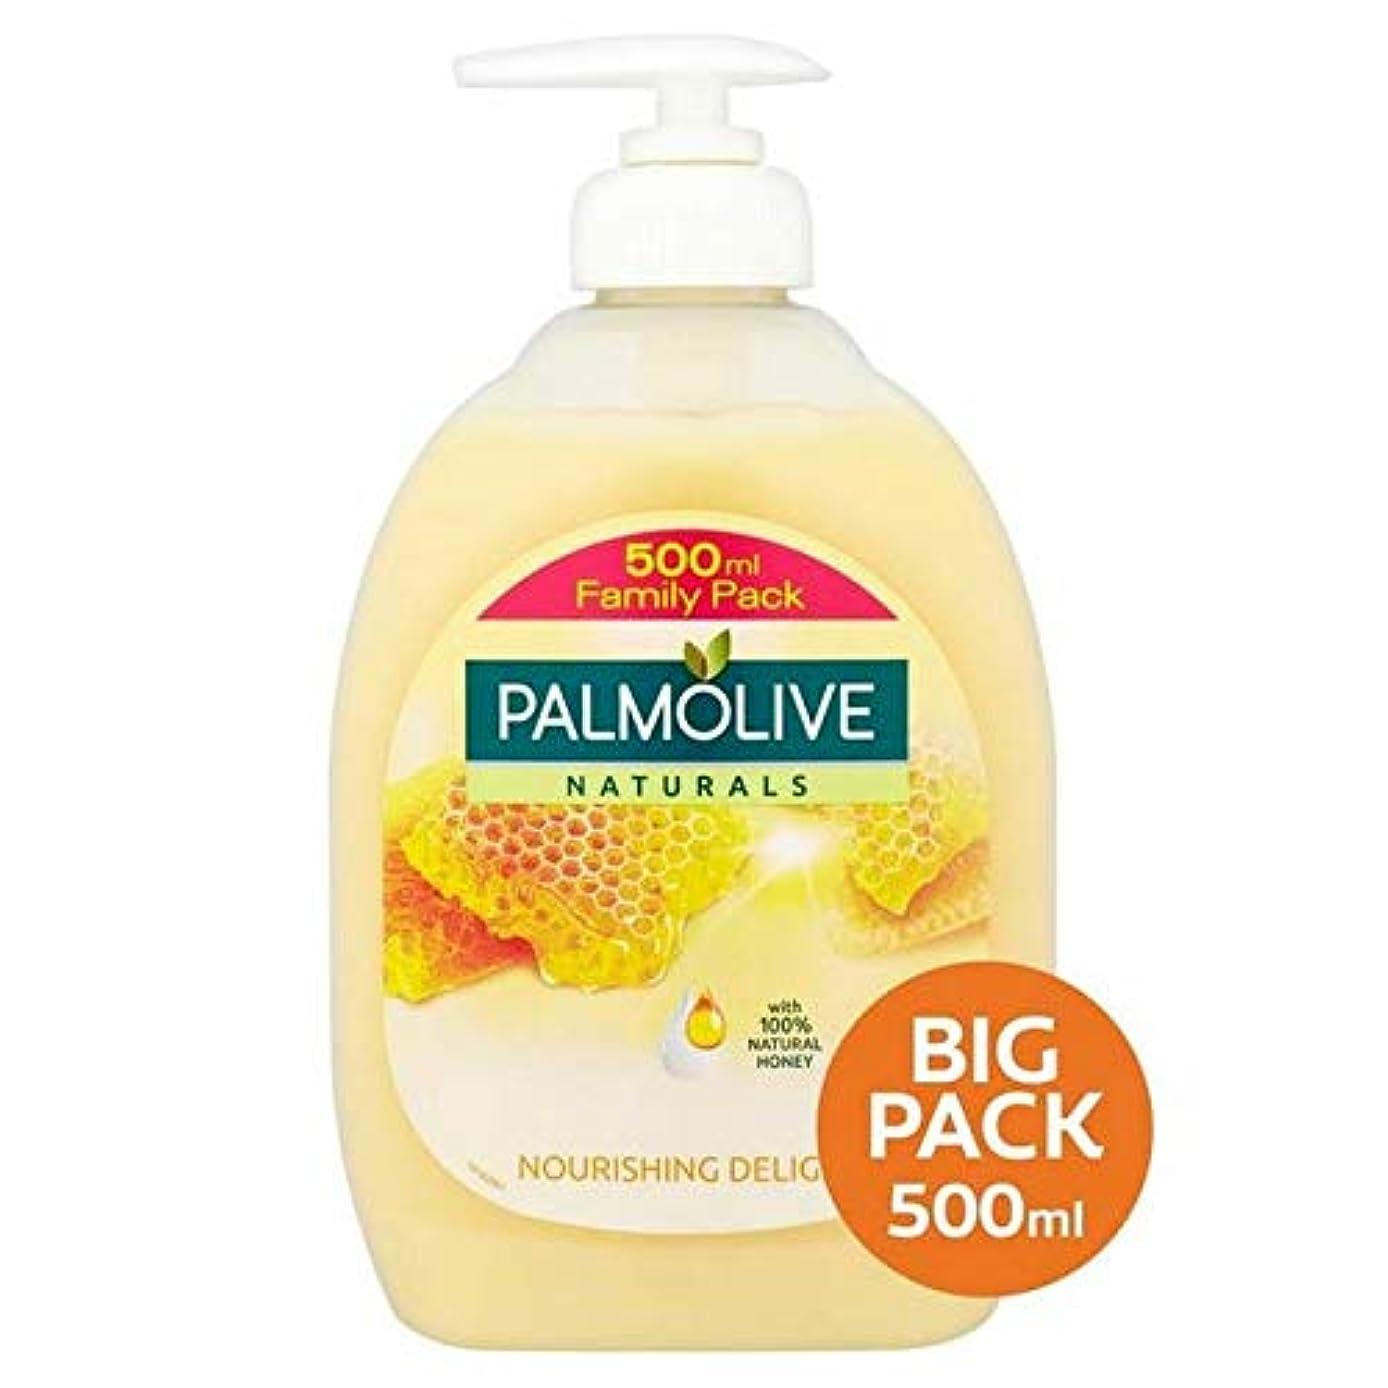 起きるシネマ仲良し[Palmolive ] パルモライブナチュラルミルク&ハニーの手洗いの500ミリリットル - Palmolive Naturals Milk & Honey Handwash 500ml [並行輸入品]